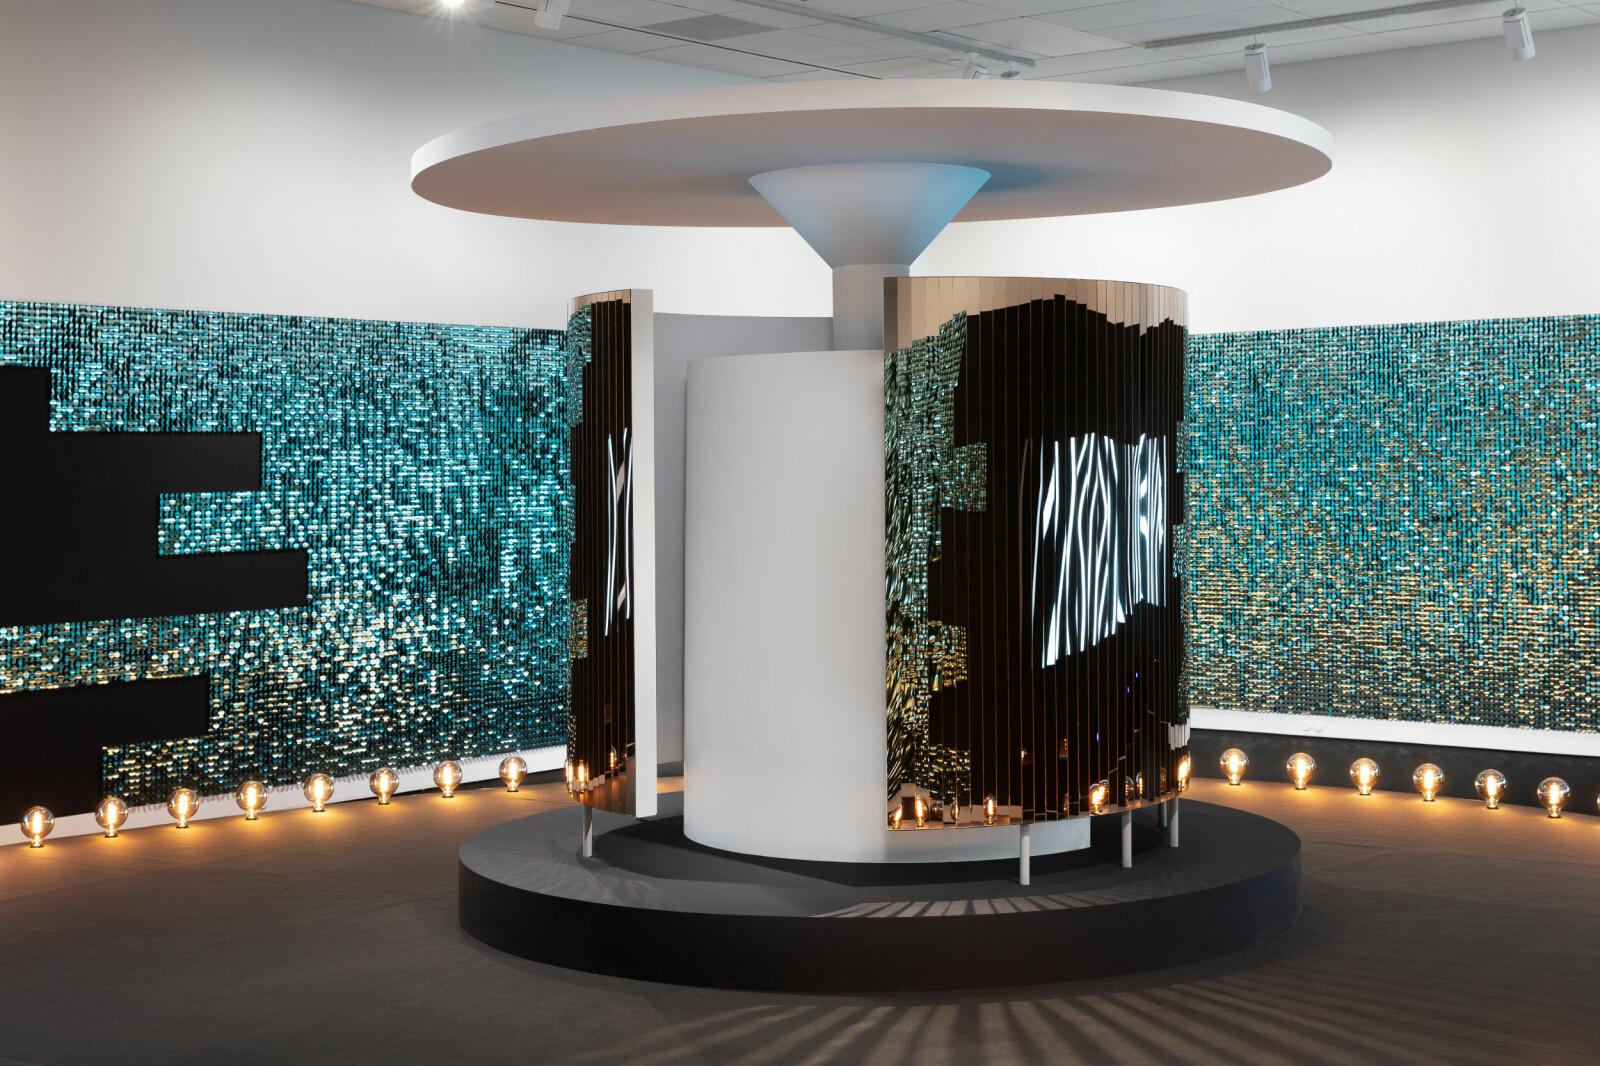 Et av verkene i Sætres nyeste utstilling minner om det offentlige urinalet i Stensparken i Oslo, på folkemunne kalt «Kjærlighetskarusellen», hvor homofile møttes i skjul. I dag er urinalet fredet som et kulturminne «som særlig representerer fellesskapets møteplasser og behov».